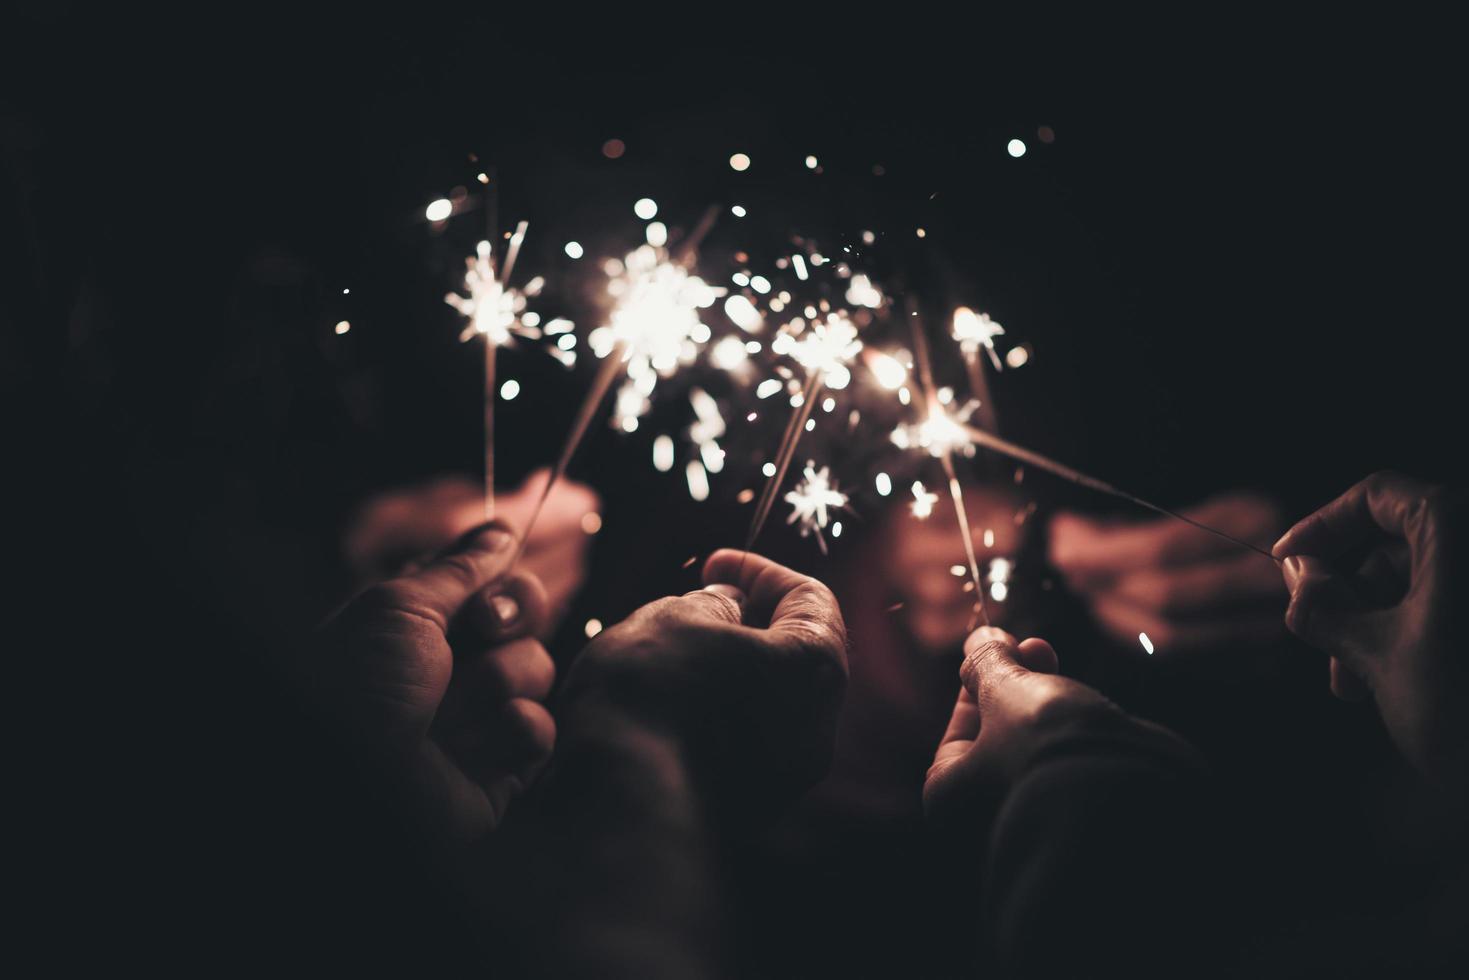 Gruppe von Menschen, die nachts Wunderkerzen halten foto